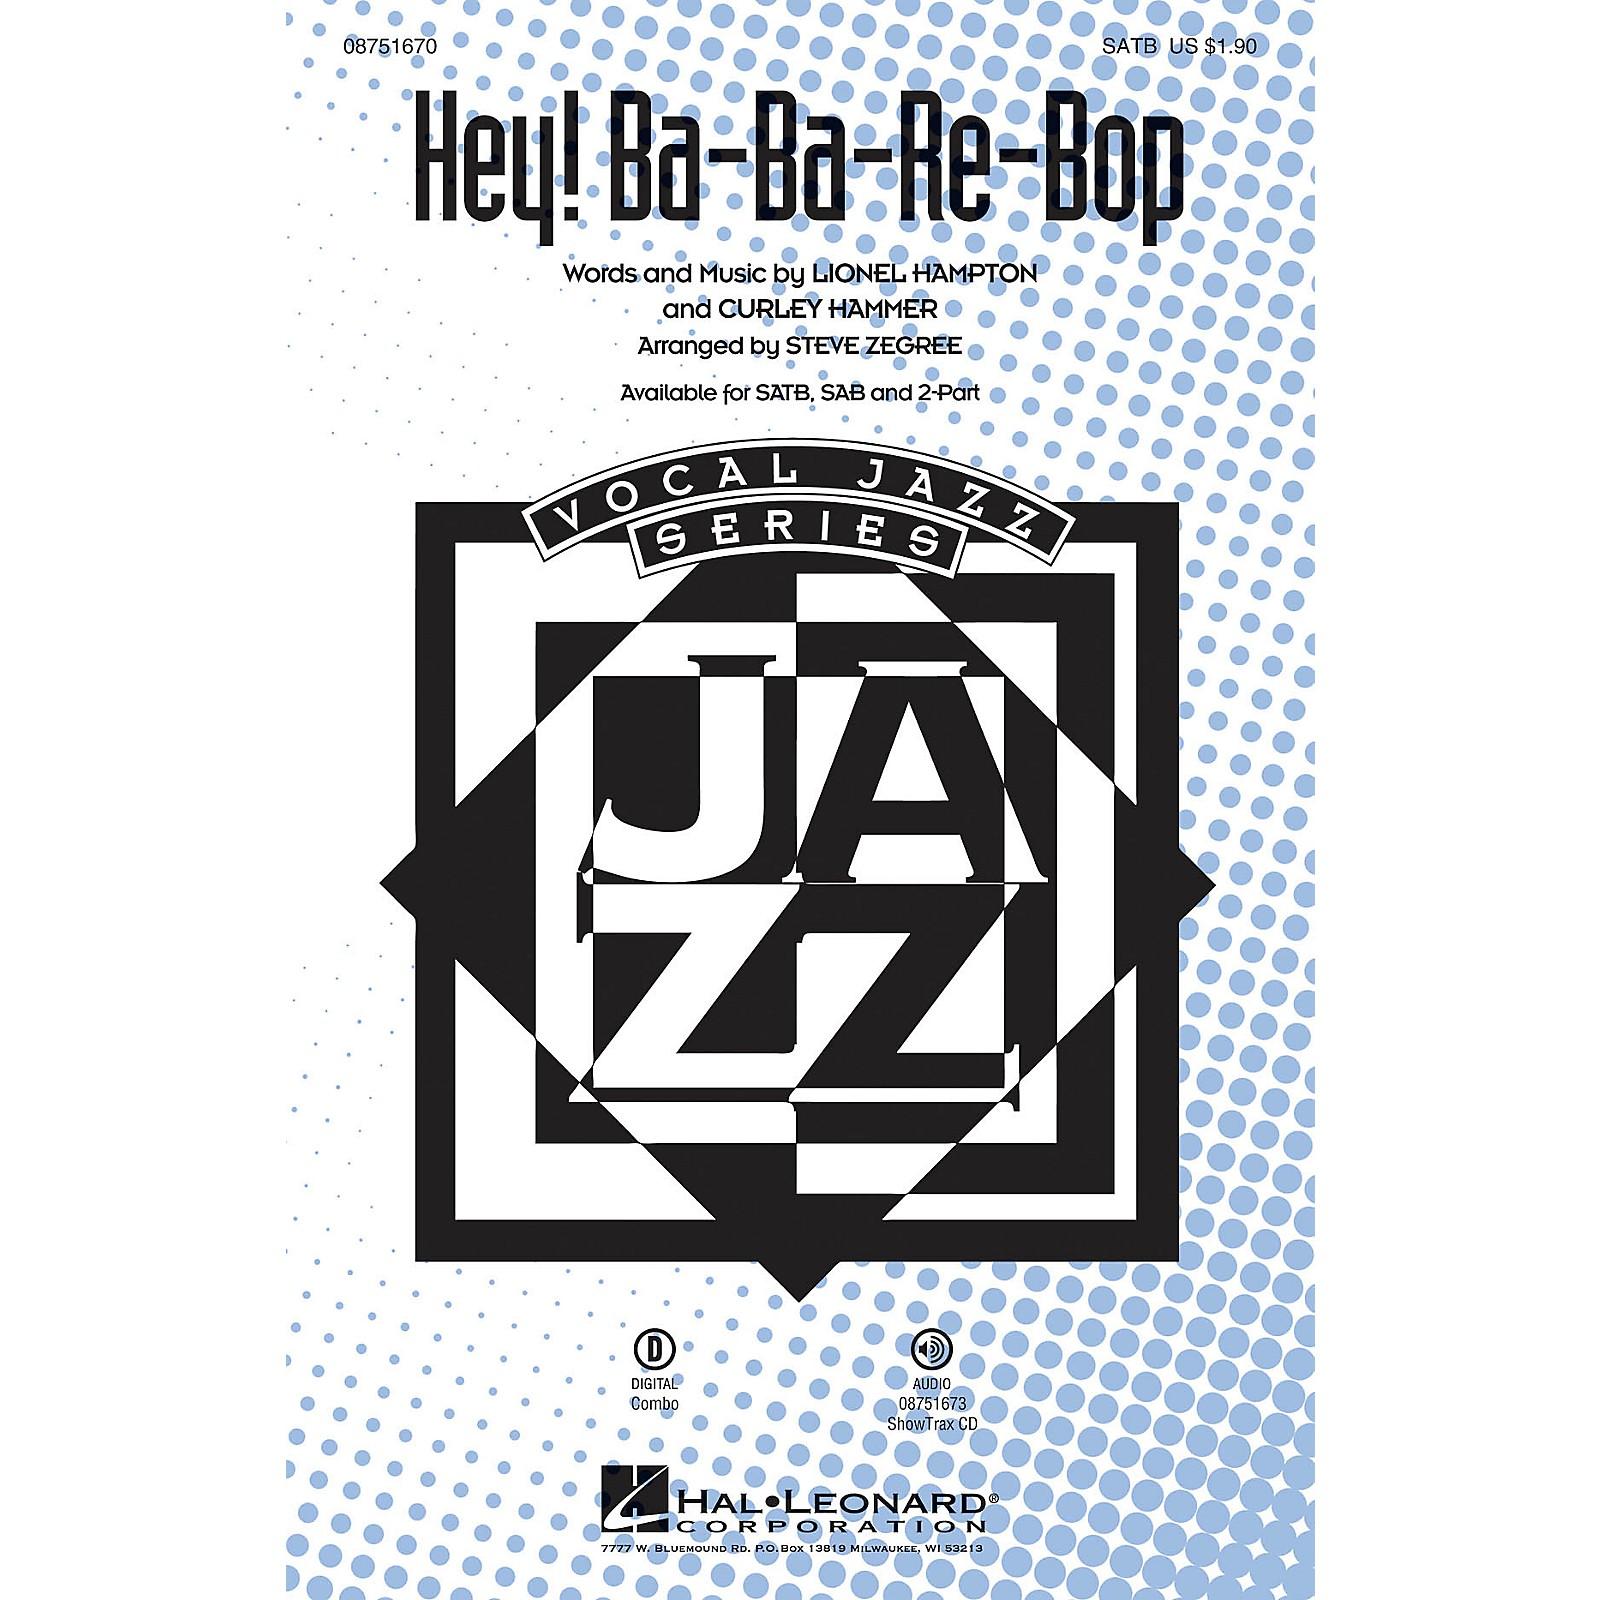 Hal Leonard Hey! Ba-ba-re-bop SATB by Lionel Hampton arranged by Steve Zegree